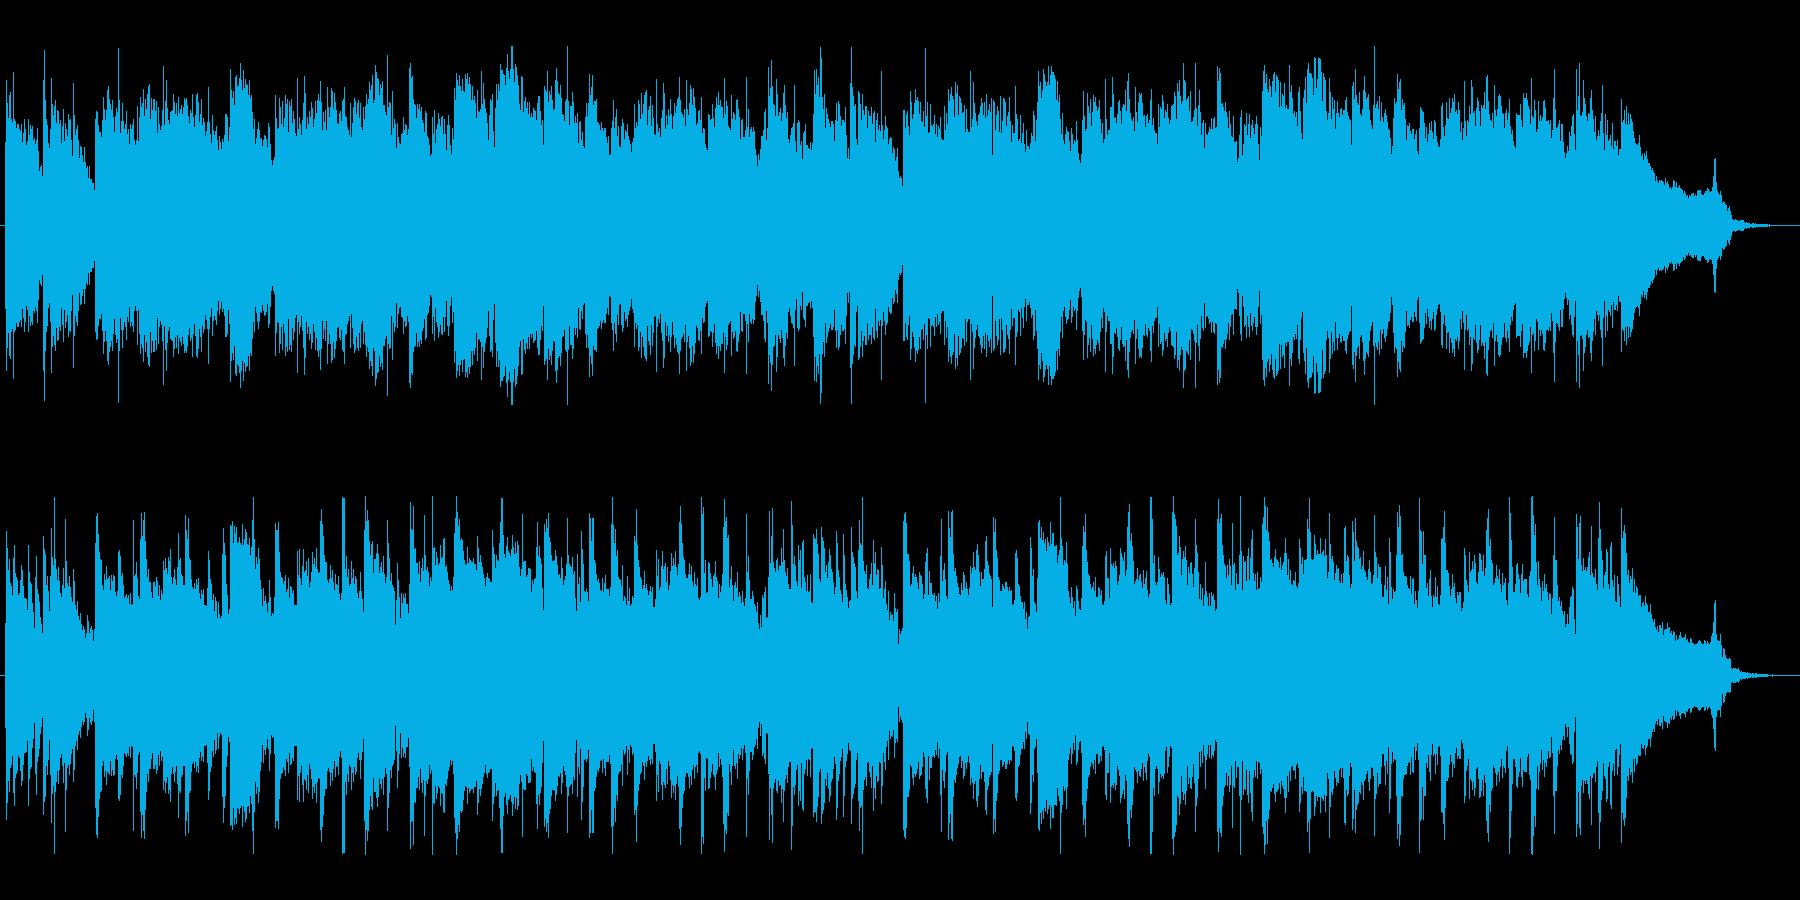 尺八・箏、水流のような上品な純和風BGMの再生済みの波形